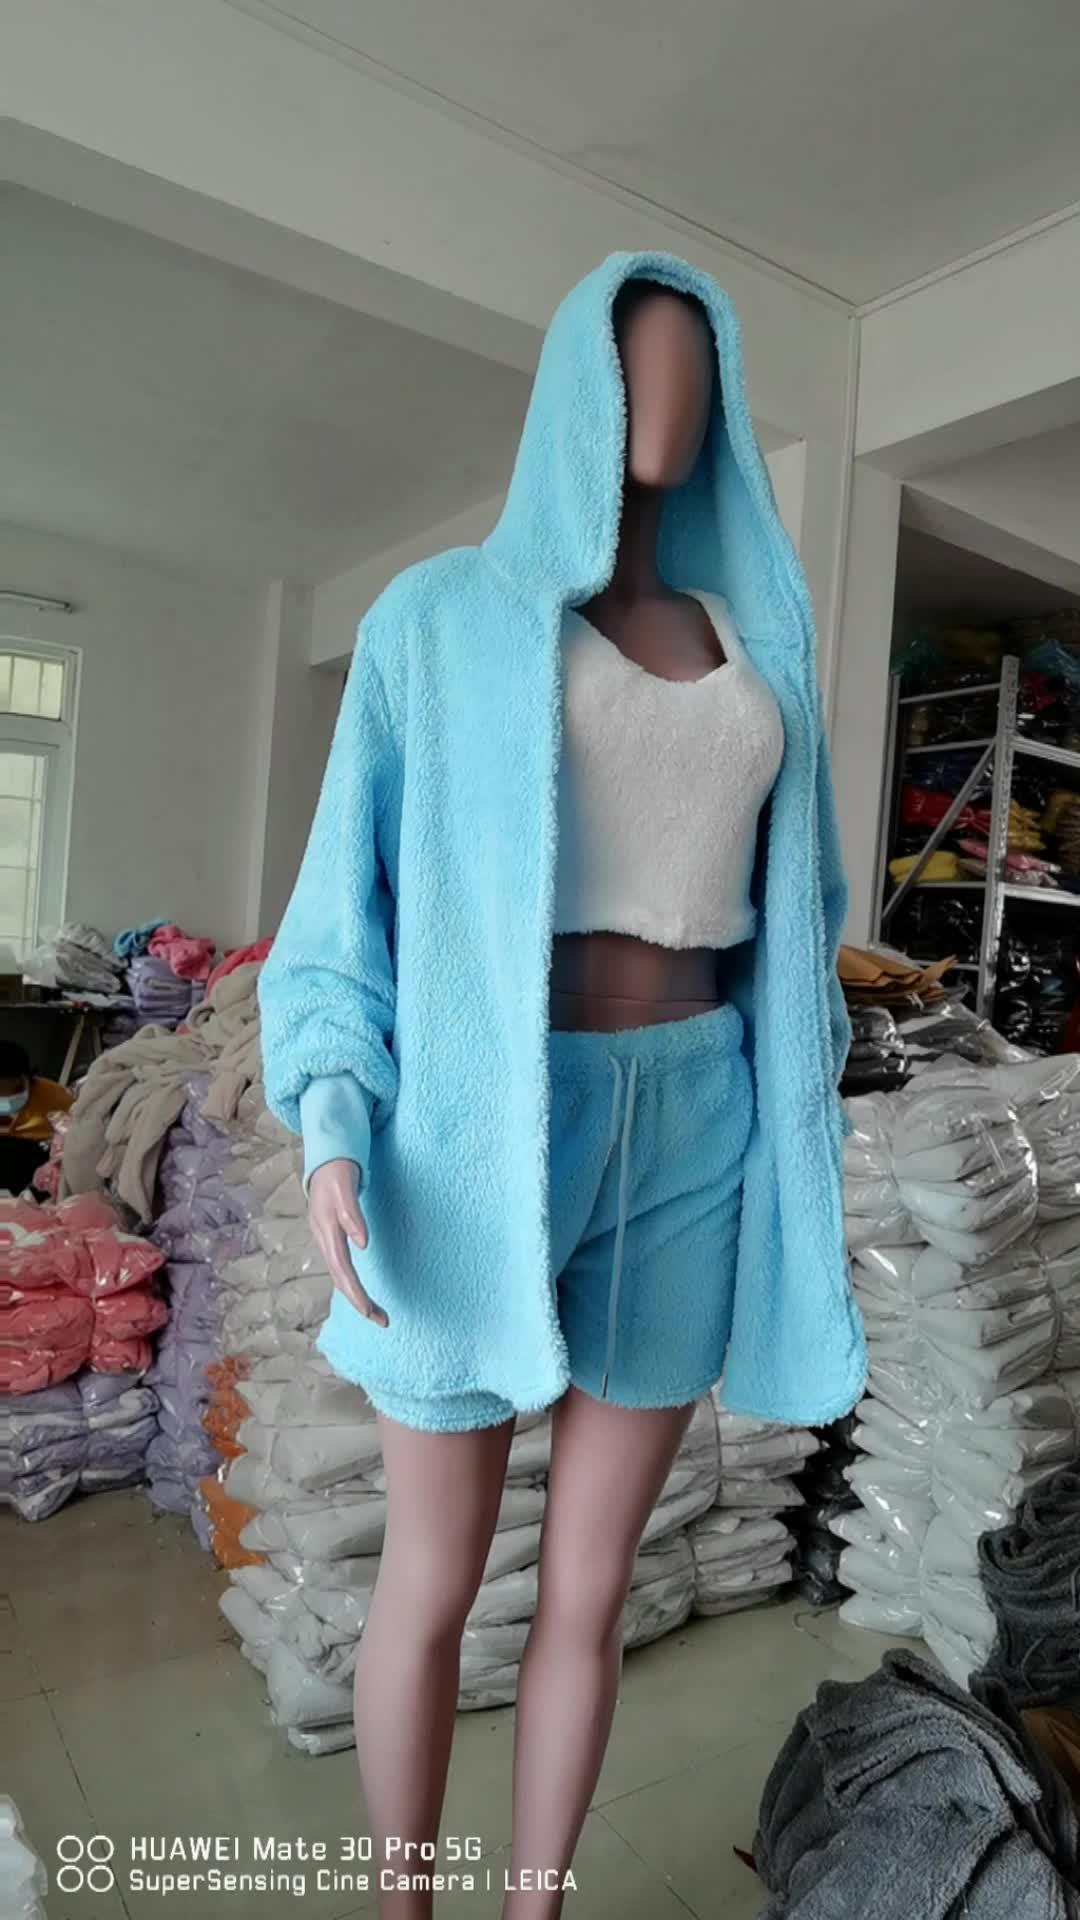 Phụ Nữ Bán Buôn Sang Trọng 3 Mảnh Tracksuit Giản Dị Đồ Ngủ Dài Tay Áo Cardigan Vest Phụ Nữ Quần Ngắn Bên Áo Len Bộ